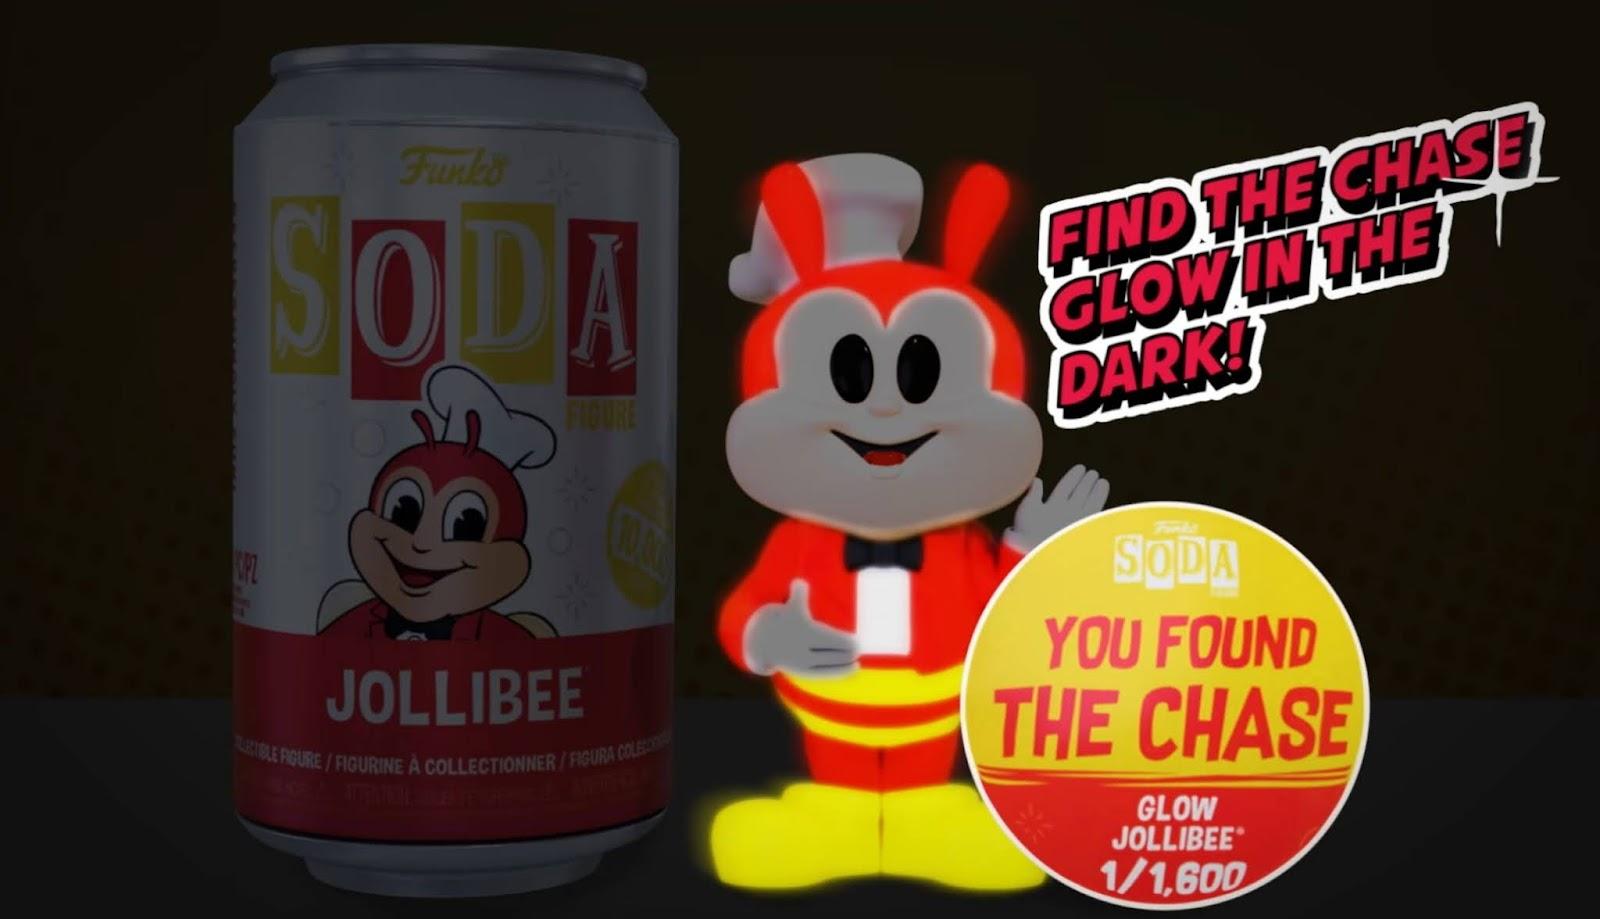 Jollibee Funko SODA Chase Variant 1/1600